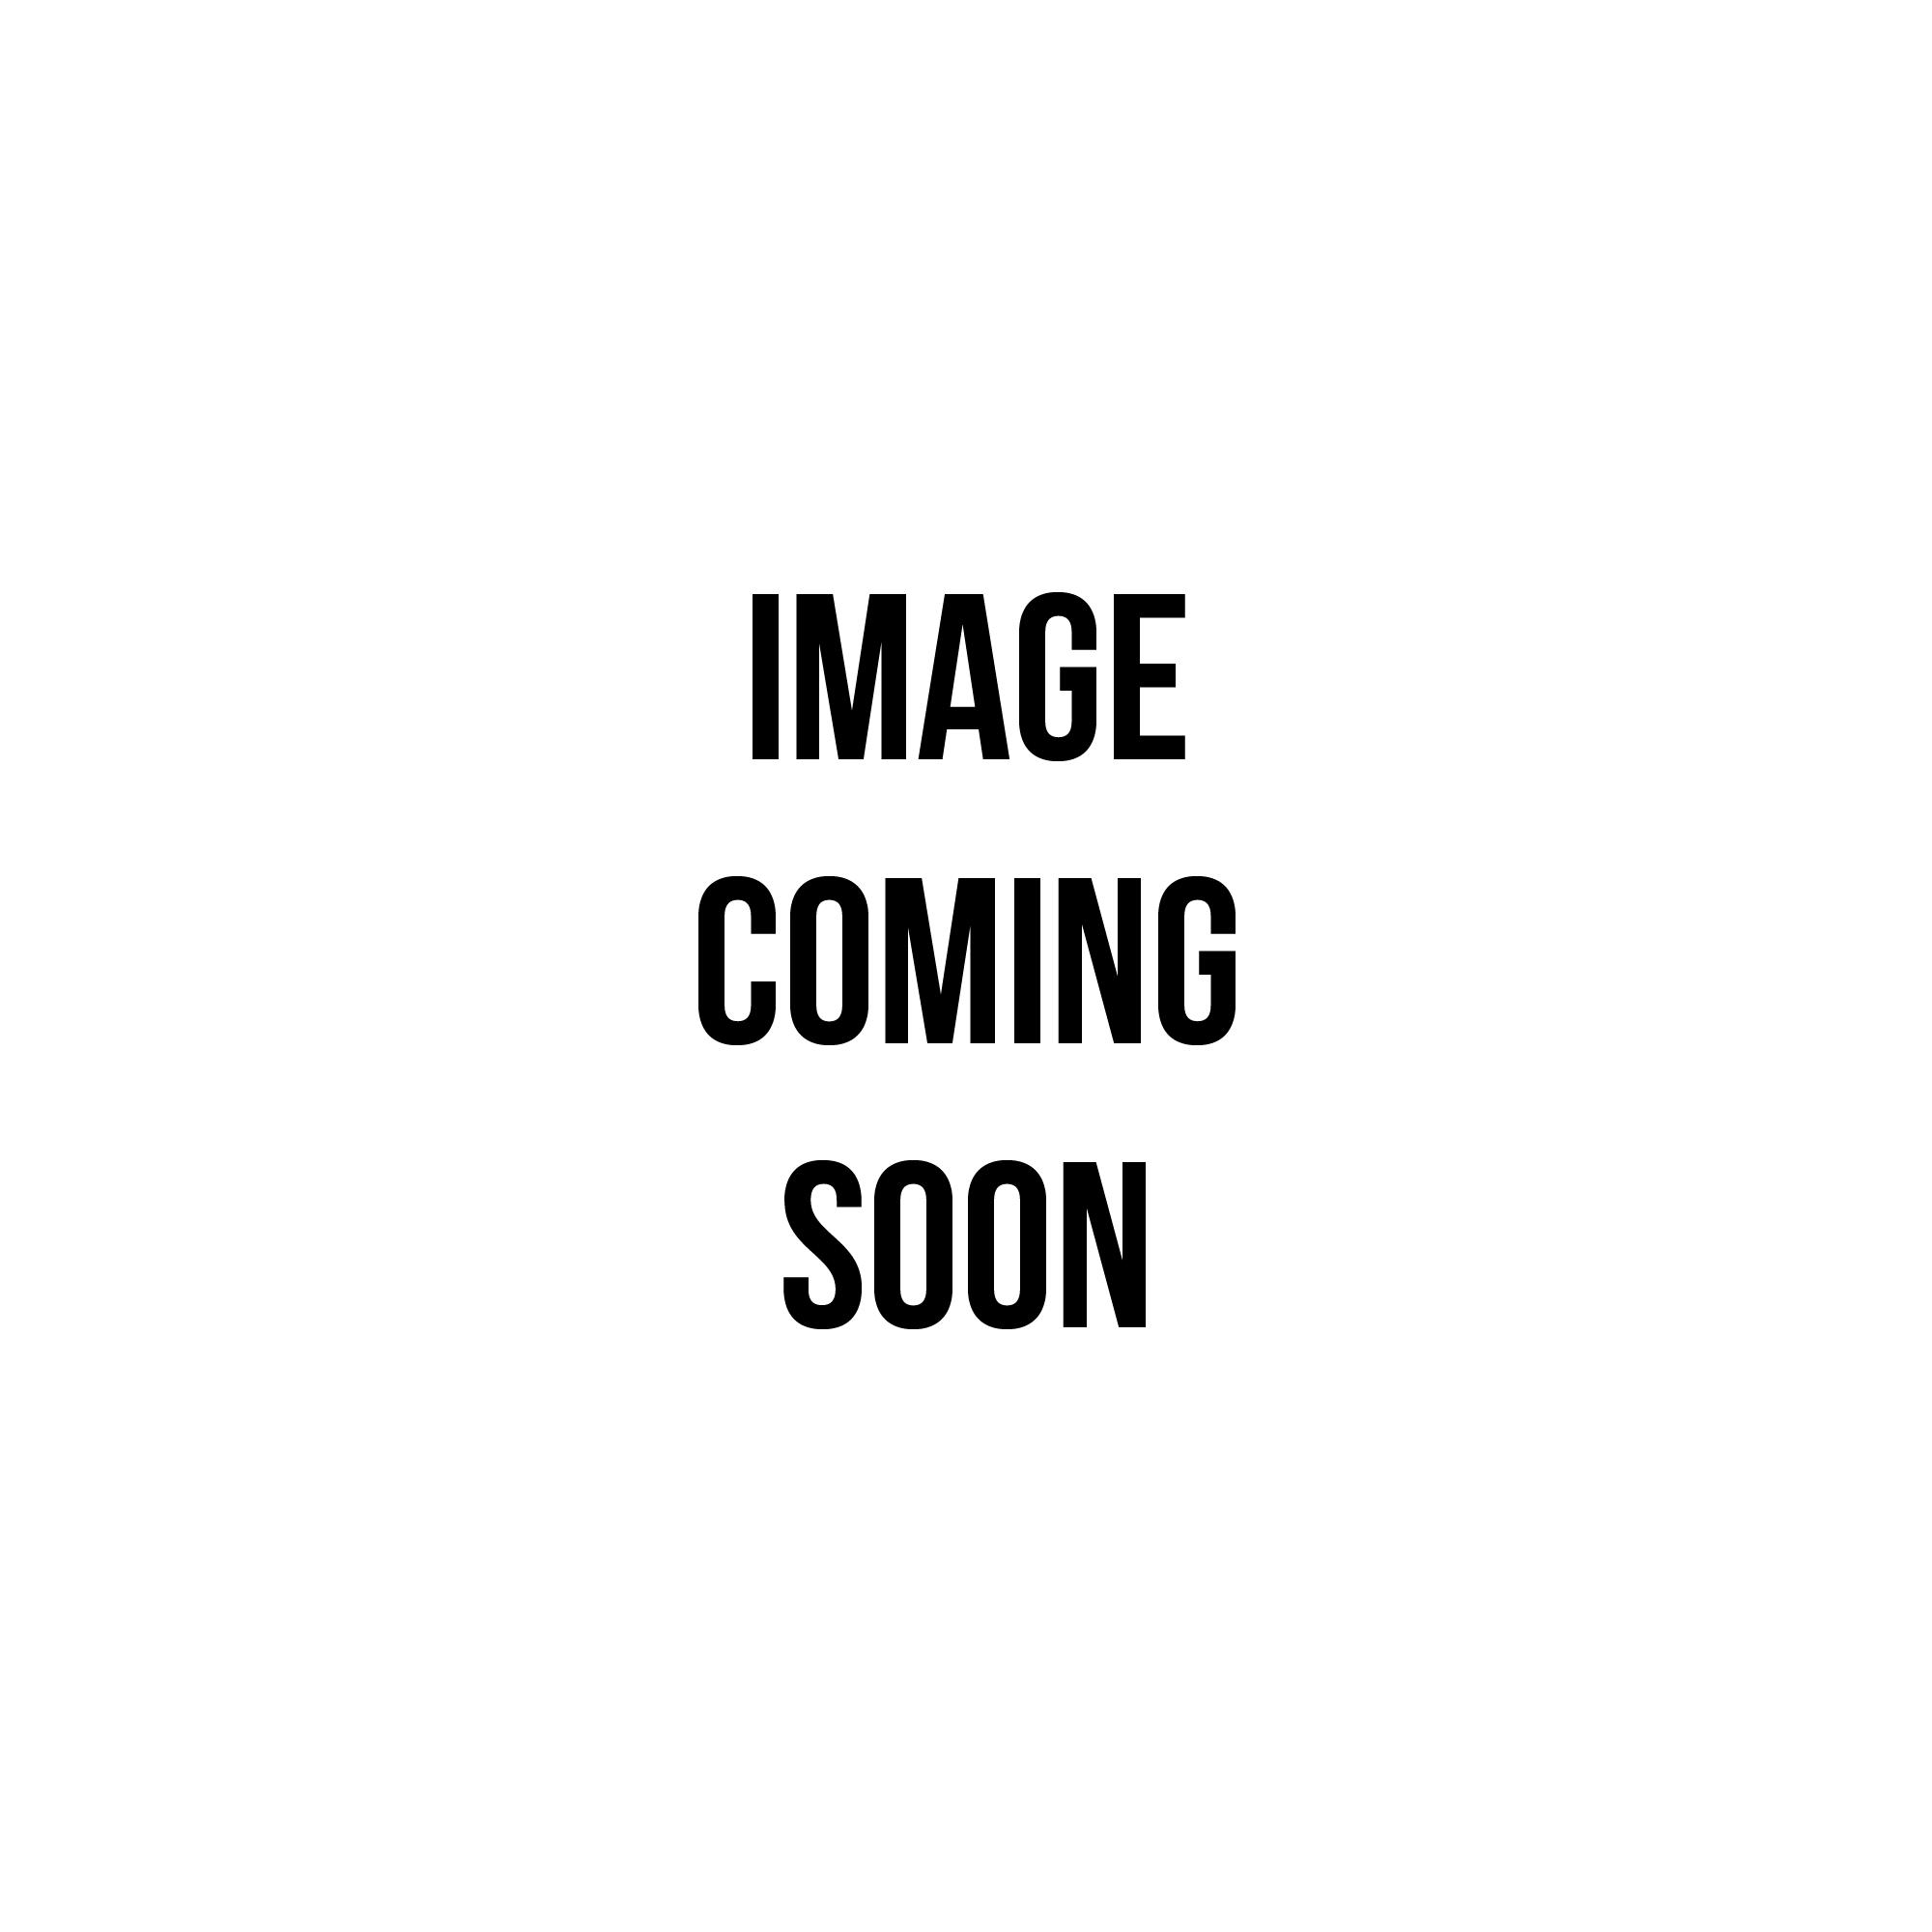 Nike Air Max 95 Luces Blancas Y Rojas Solares cómodo en línea todas las tallas 2014 venta barata para barato salida auténtico iRdrK